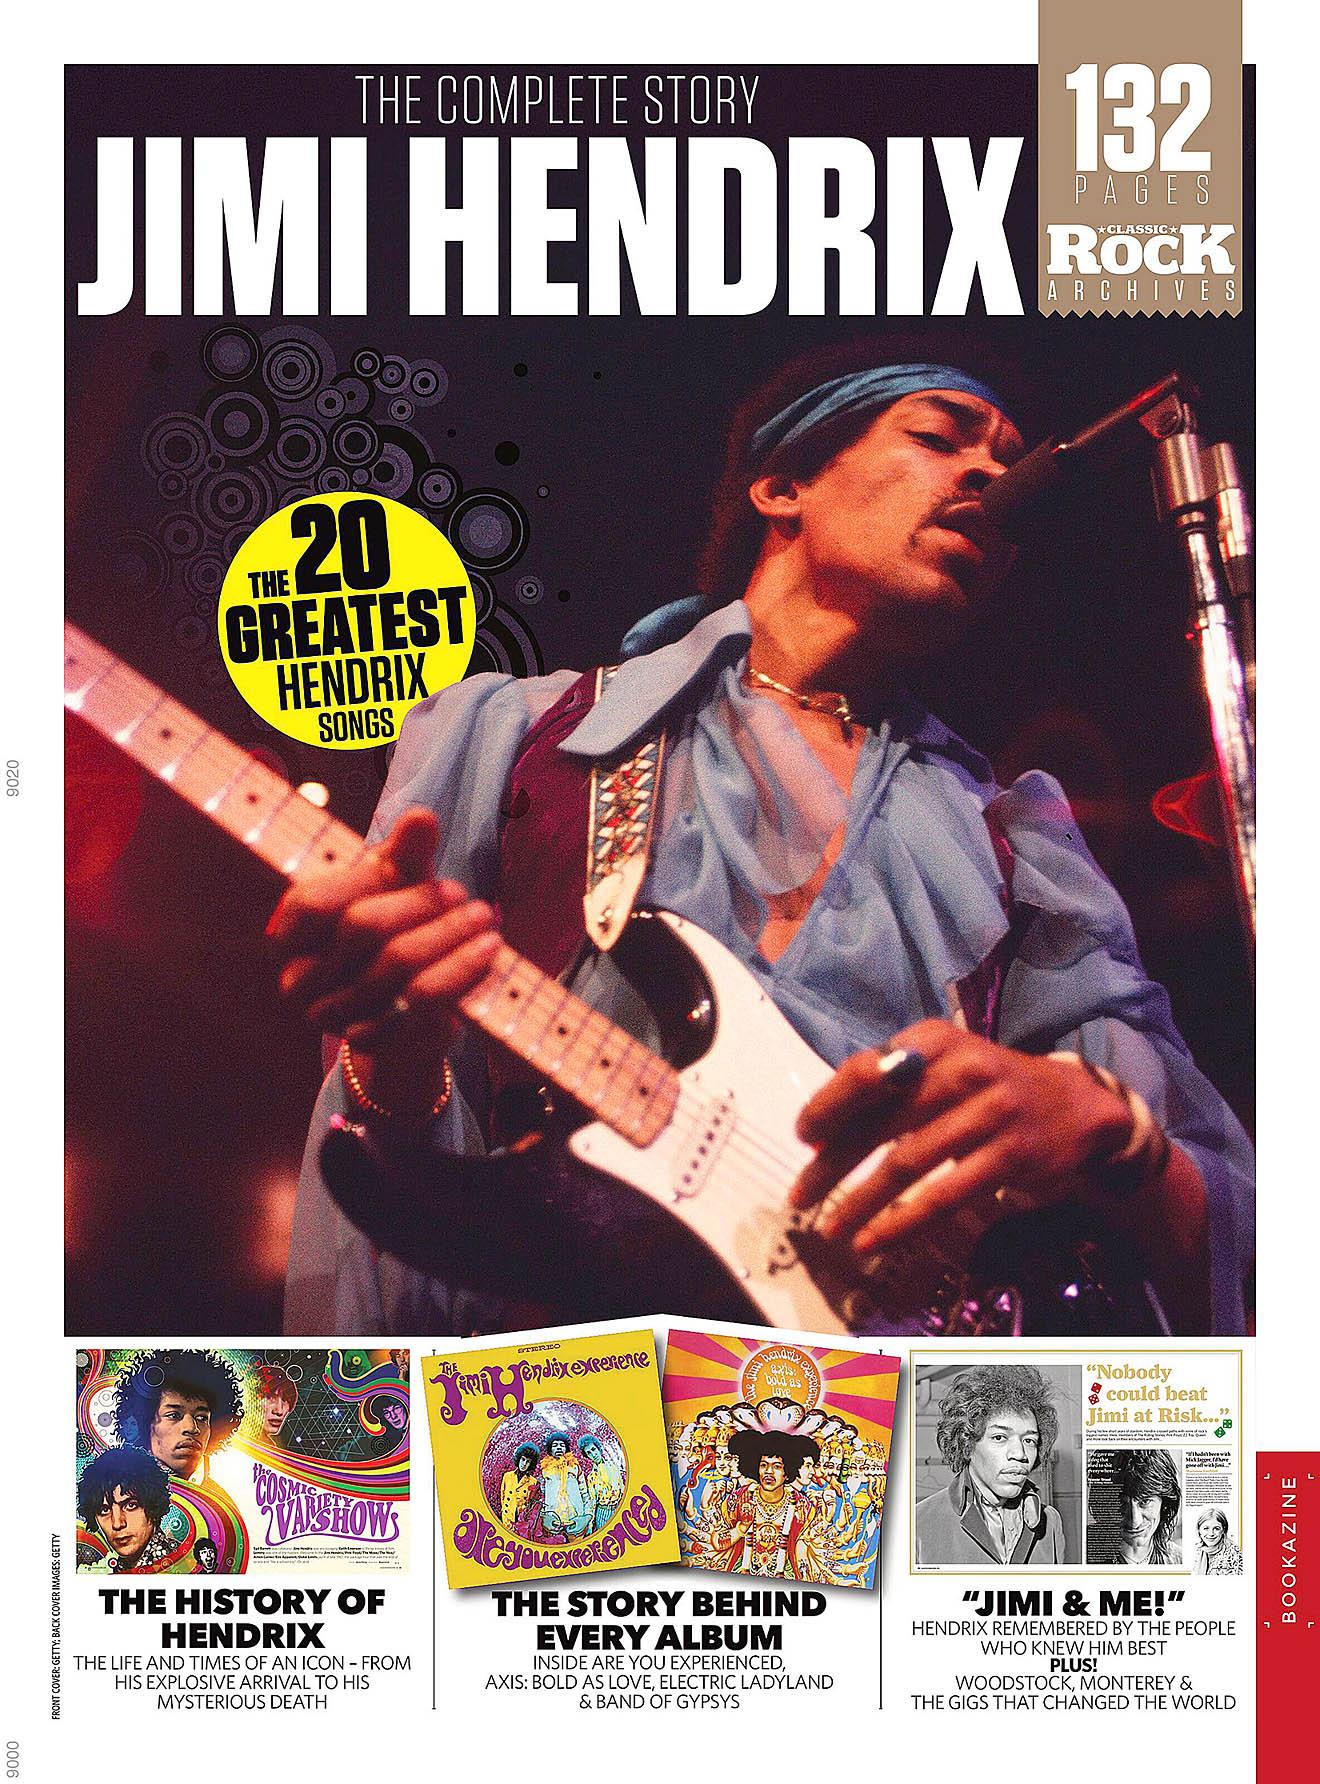 Classic Rock Sp 25 2021 Jimi Hendrix002.jpg